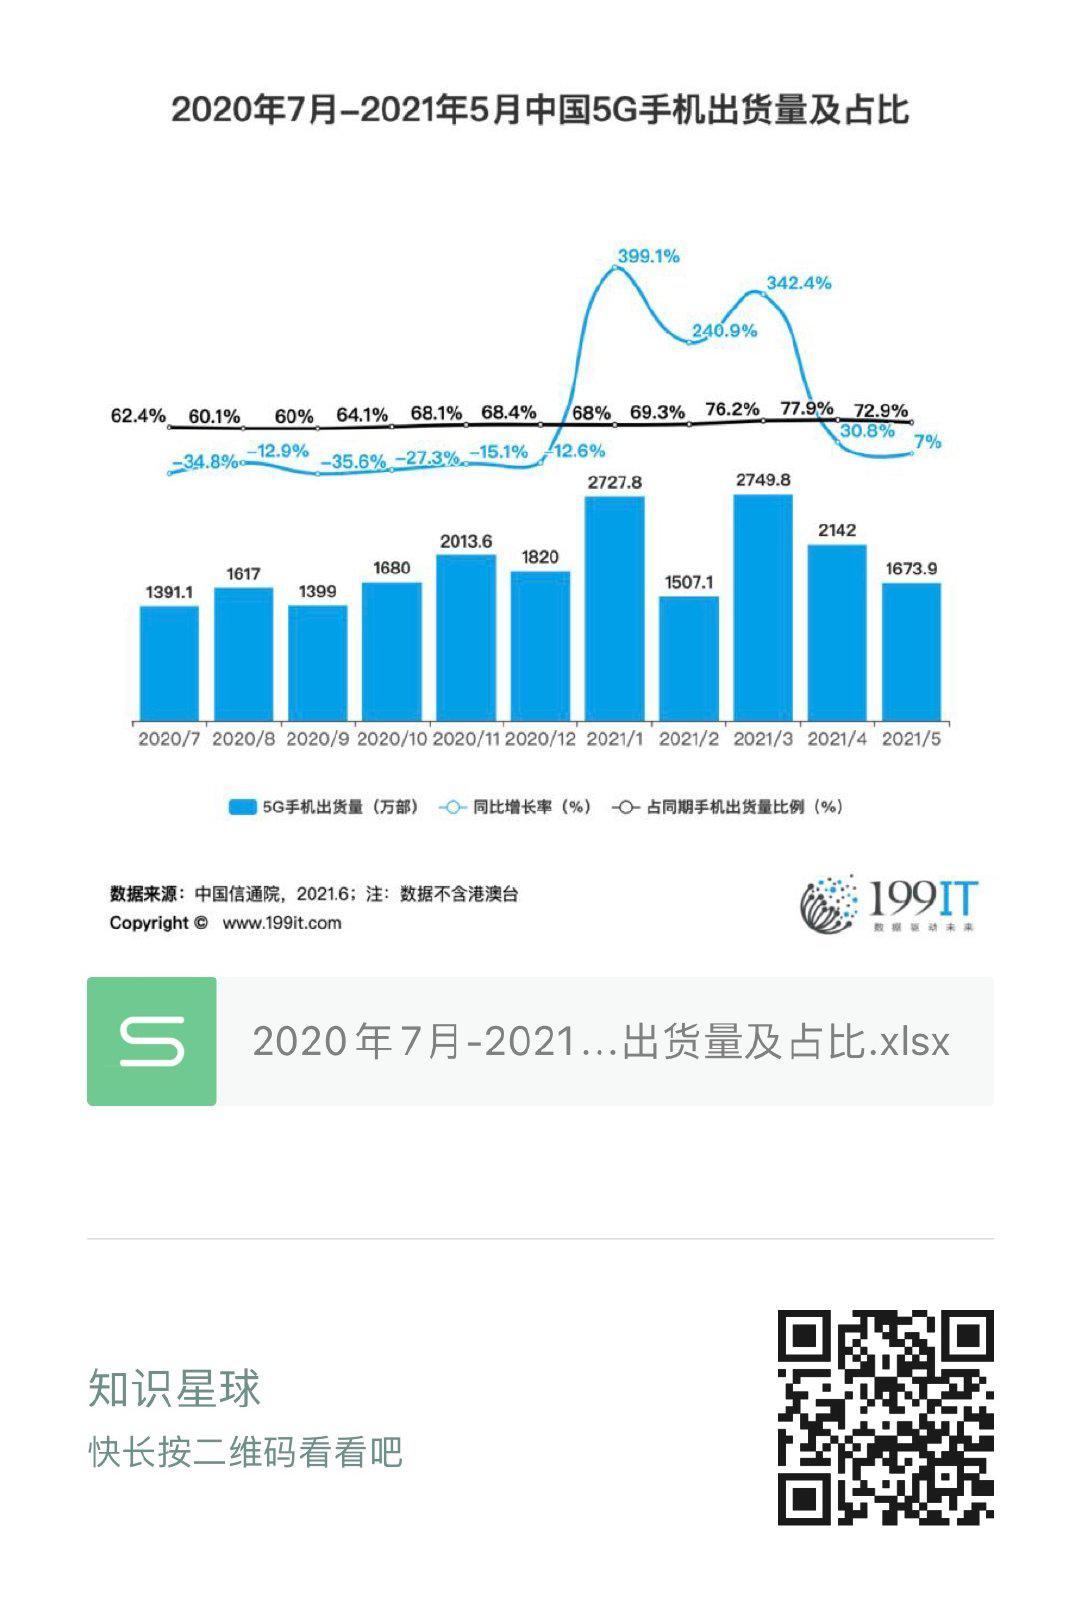 2020年7月-2021年5月中國5G手機出貨量及佔比(附原資料表) 